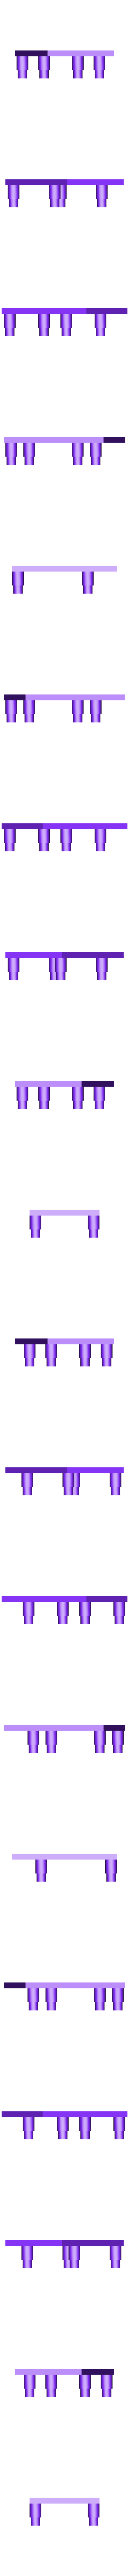 y1.STL Télécharger fichier STL gratuit Rooter CNC simple • Plan pour imprimante 3D, TheTNR